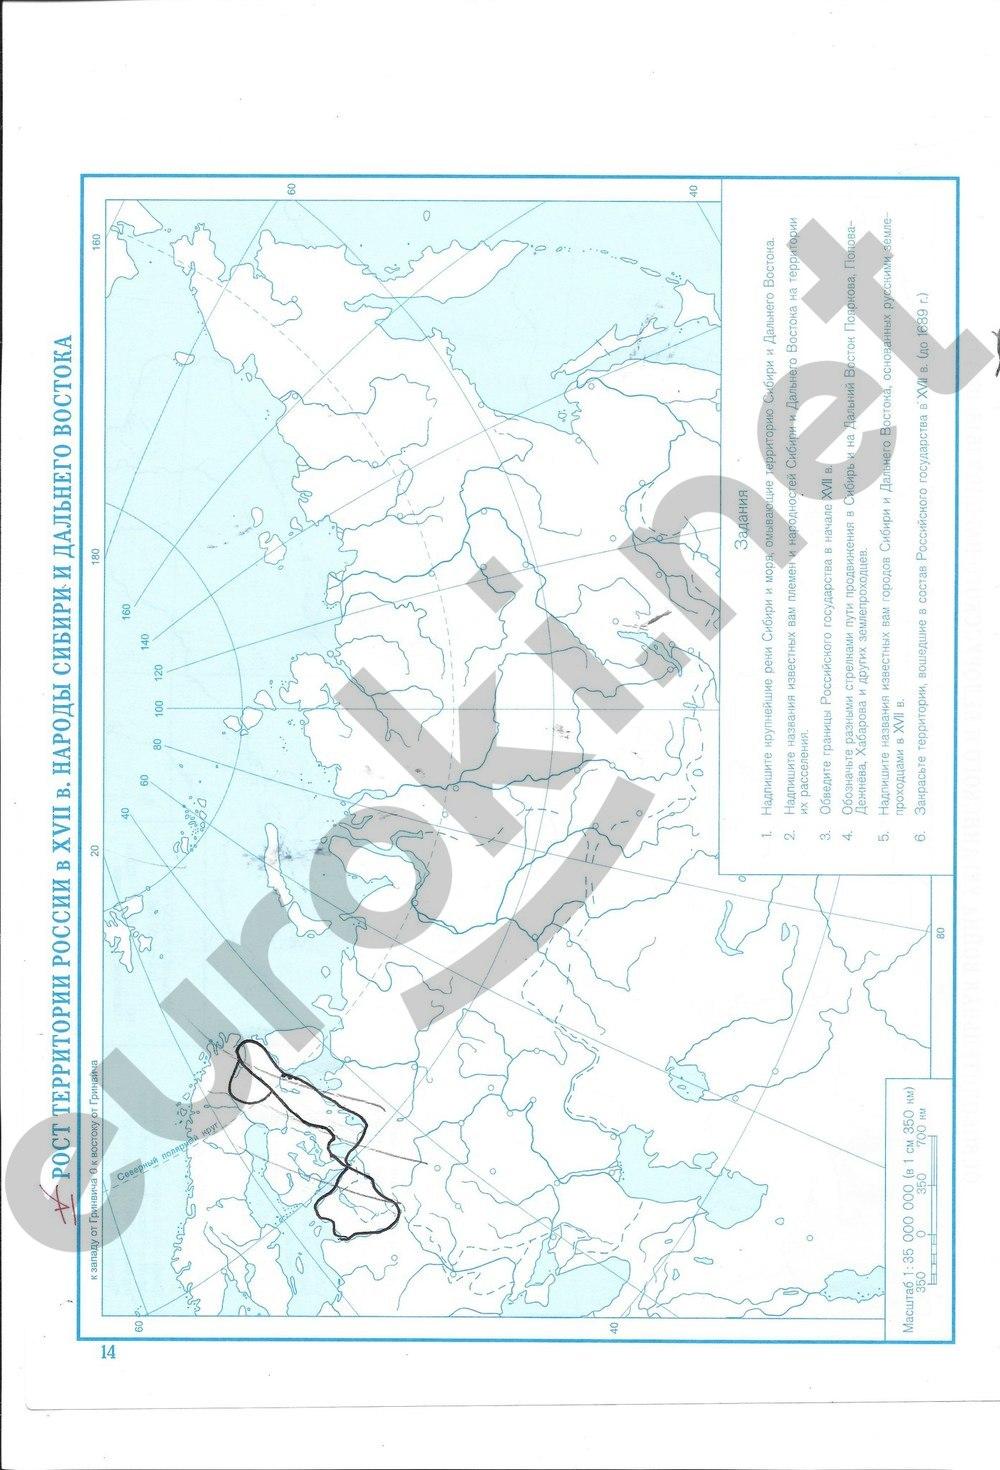 Гдз по географии 5 класс контурные карты румянцев дрофа фгос